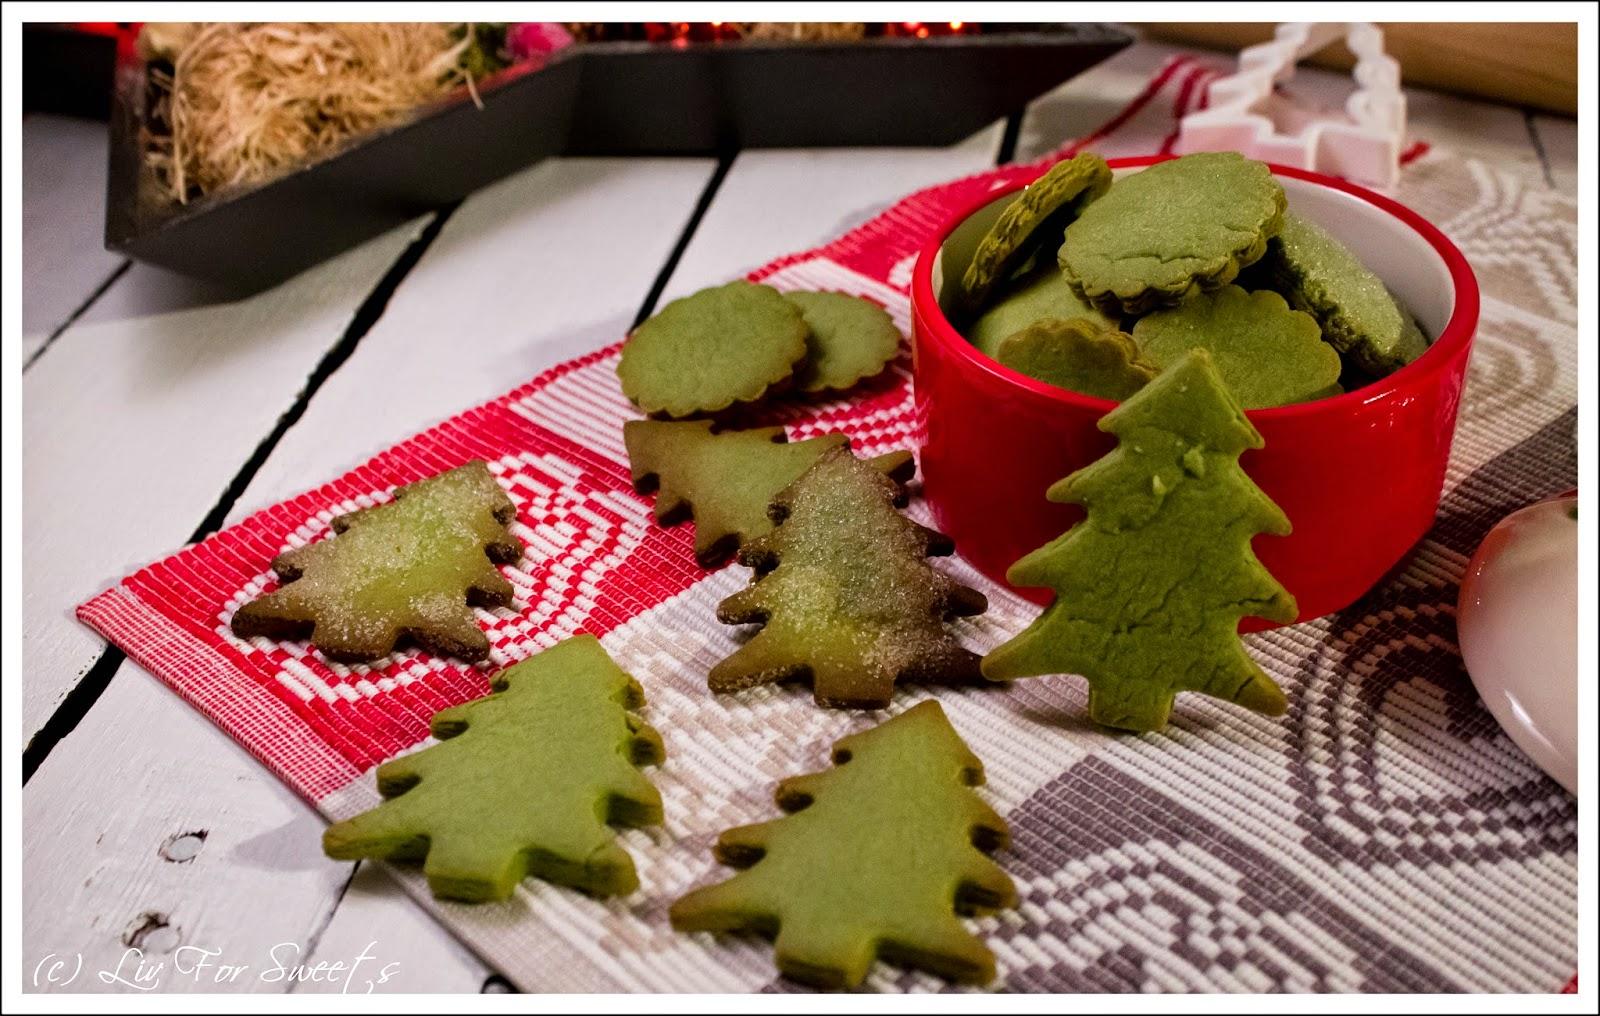 Matcha Kekse, Tannebäume, Kreise, Weihnachtsdose, Rezept, Plätzchen, Thermomix